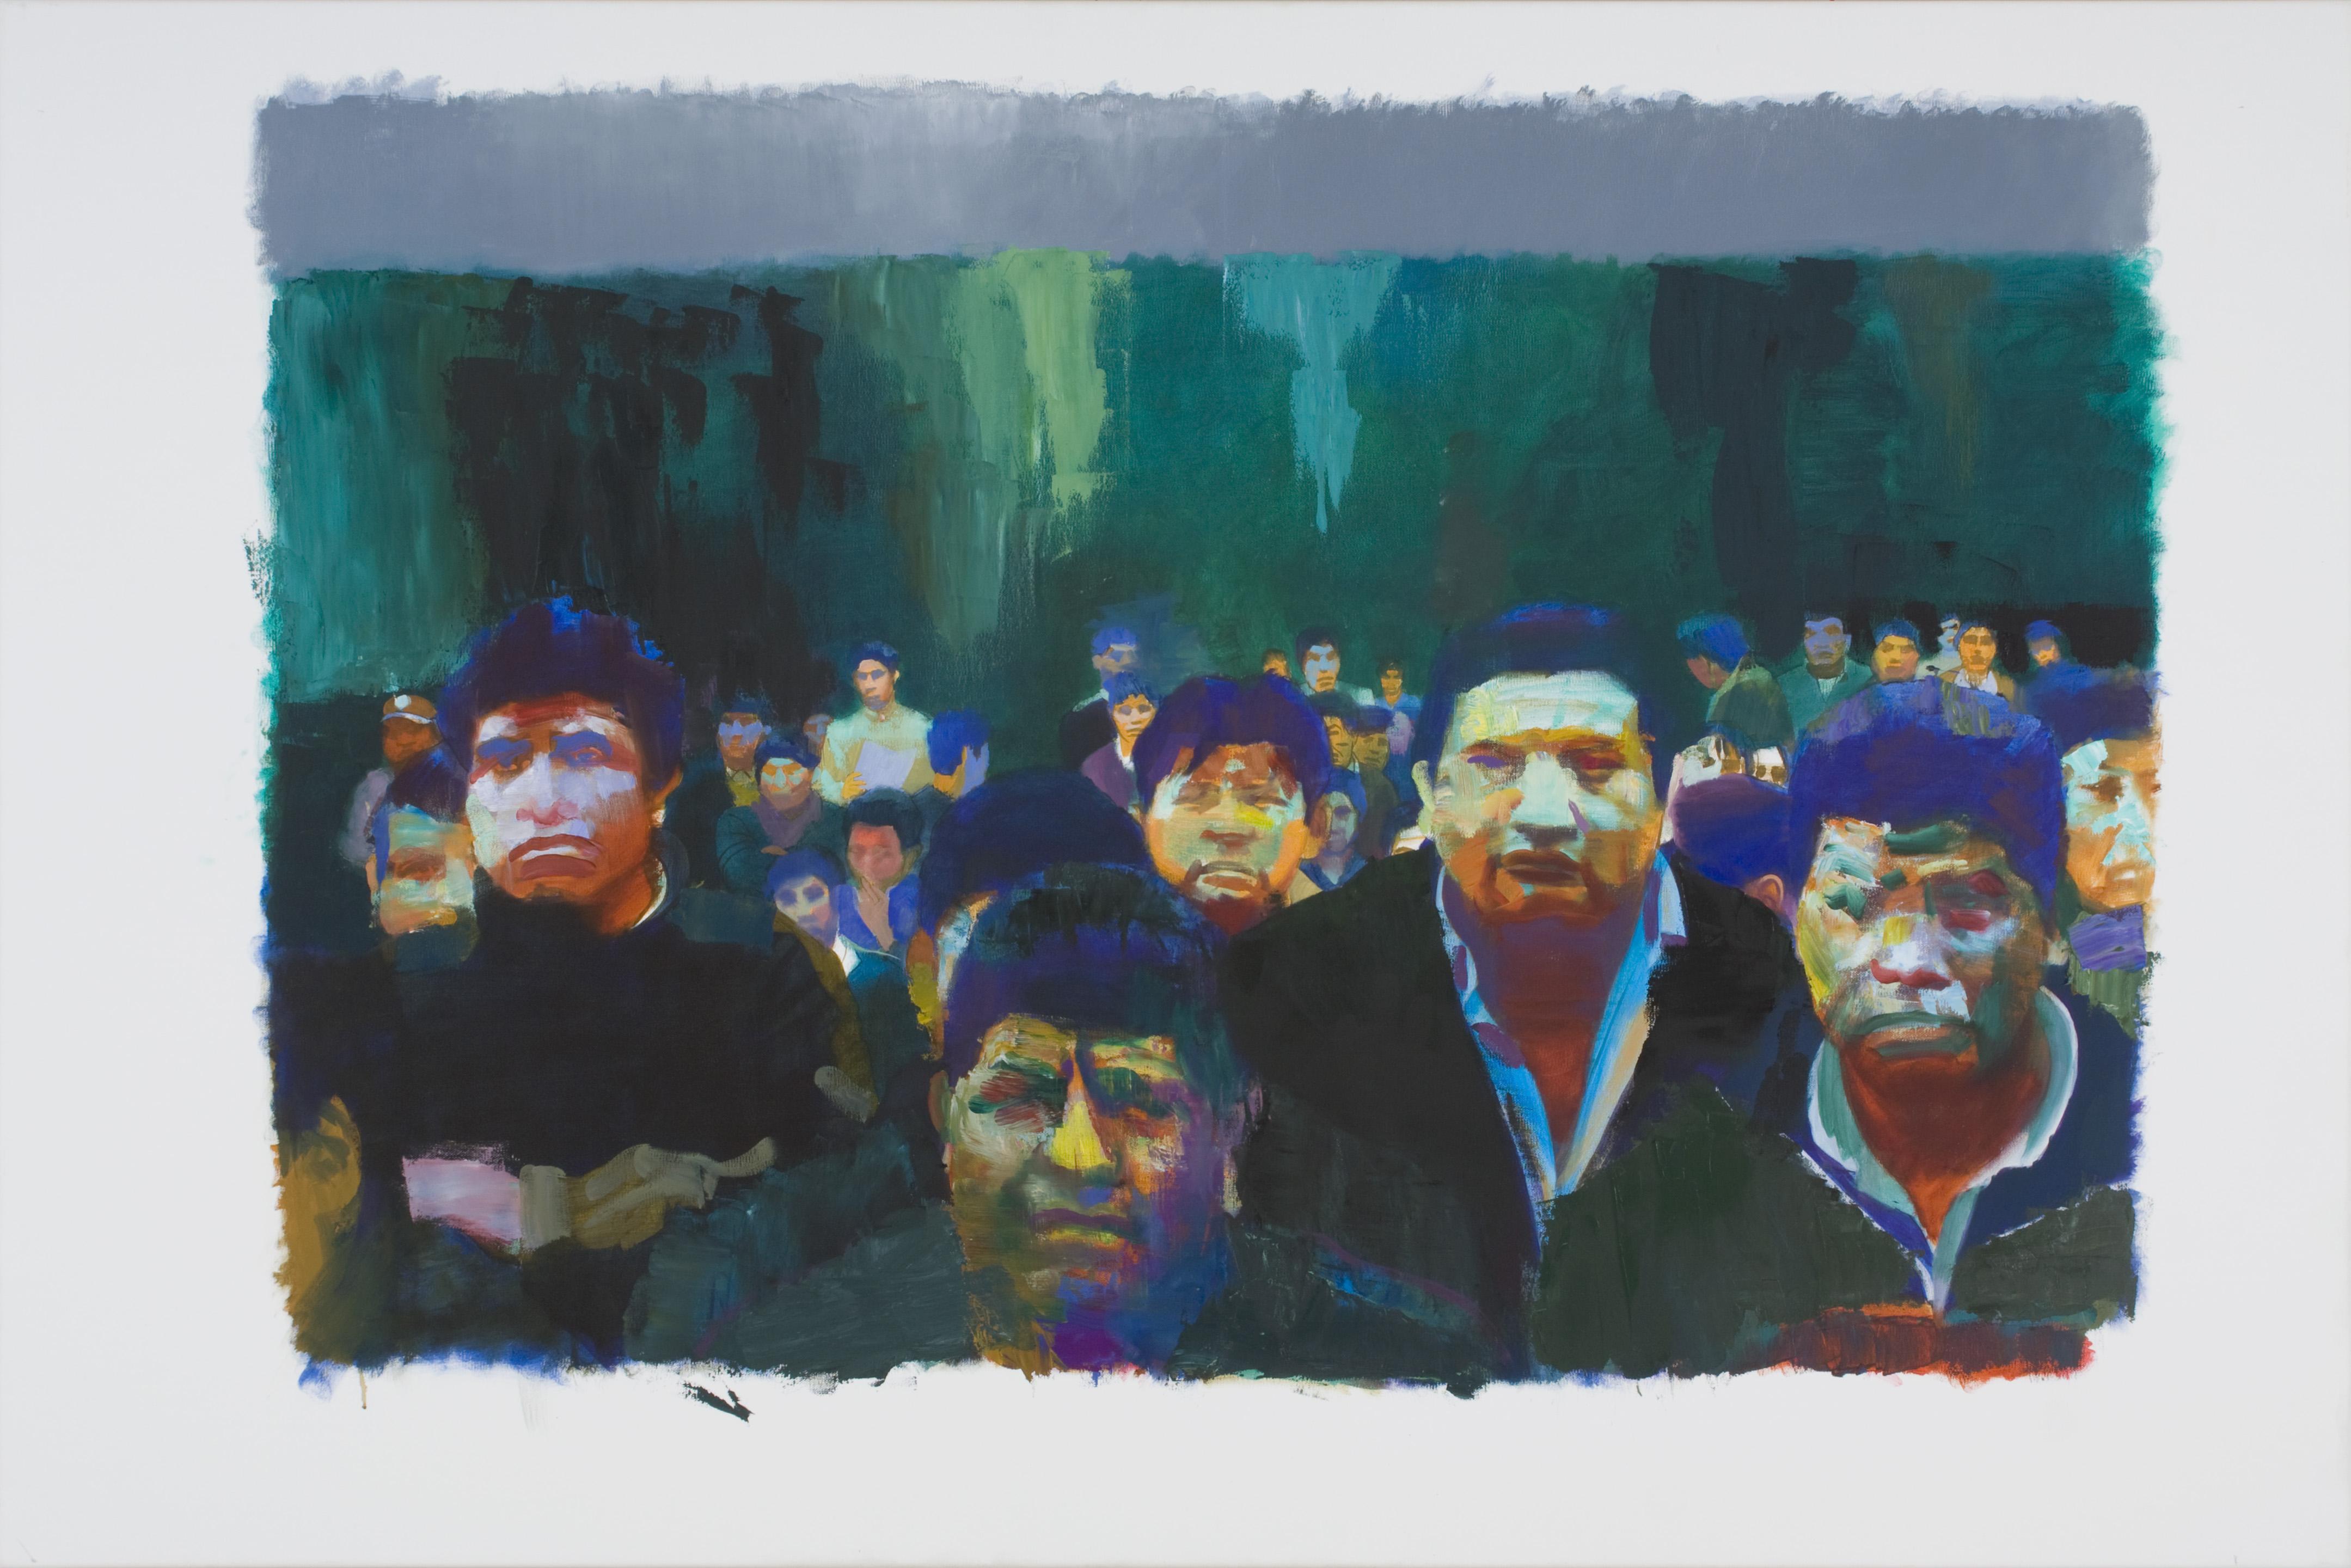 36 Selbstbildnisse, 2013, olaj, vászon, 100x150 cm